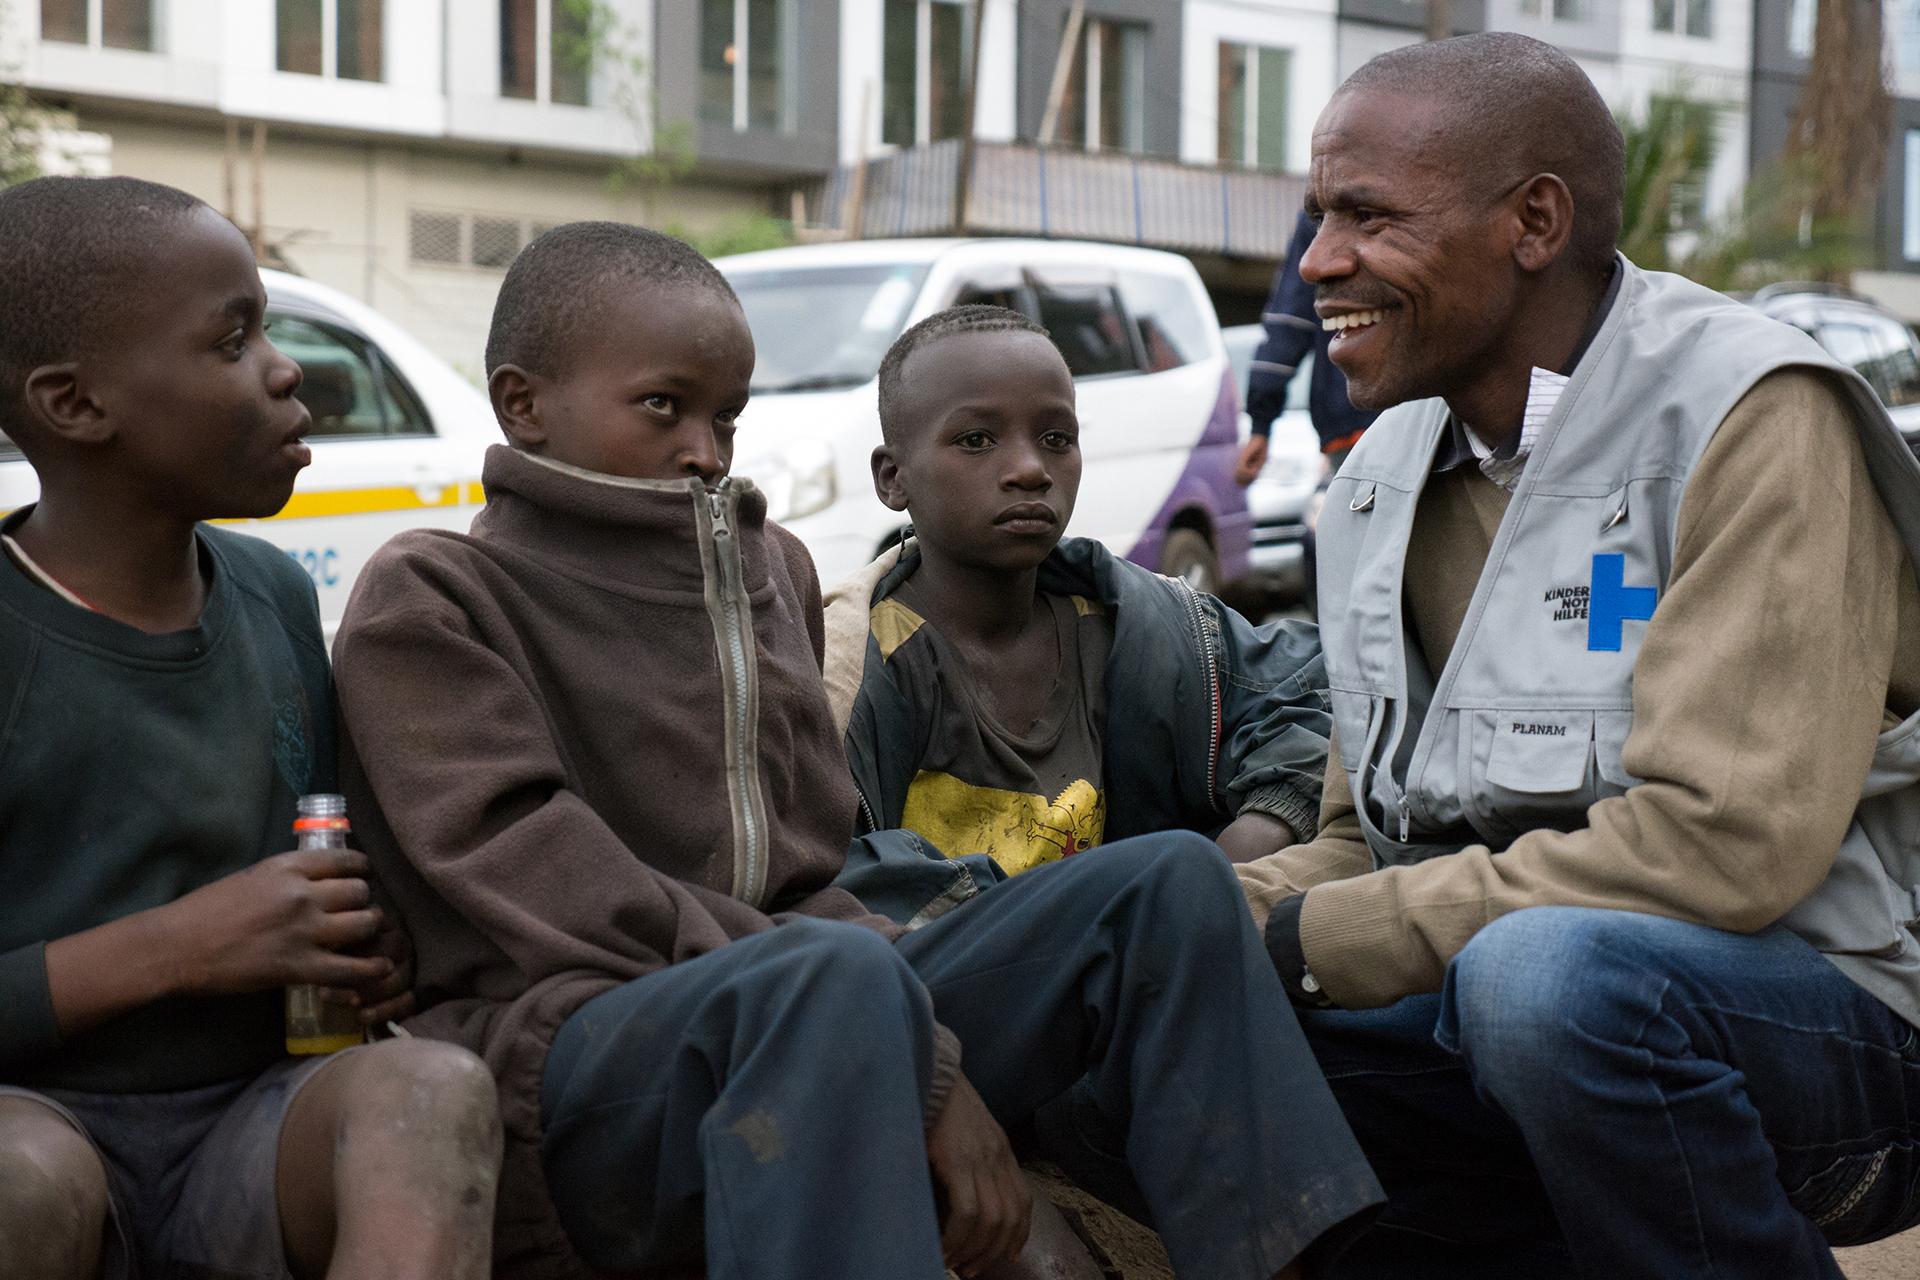 Sozialarbeiter eines Kindernothilfe-Partners im Gespräch mit Straßenkindern. (Quelle: Roland Brockmann)